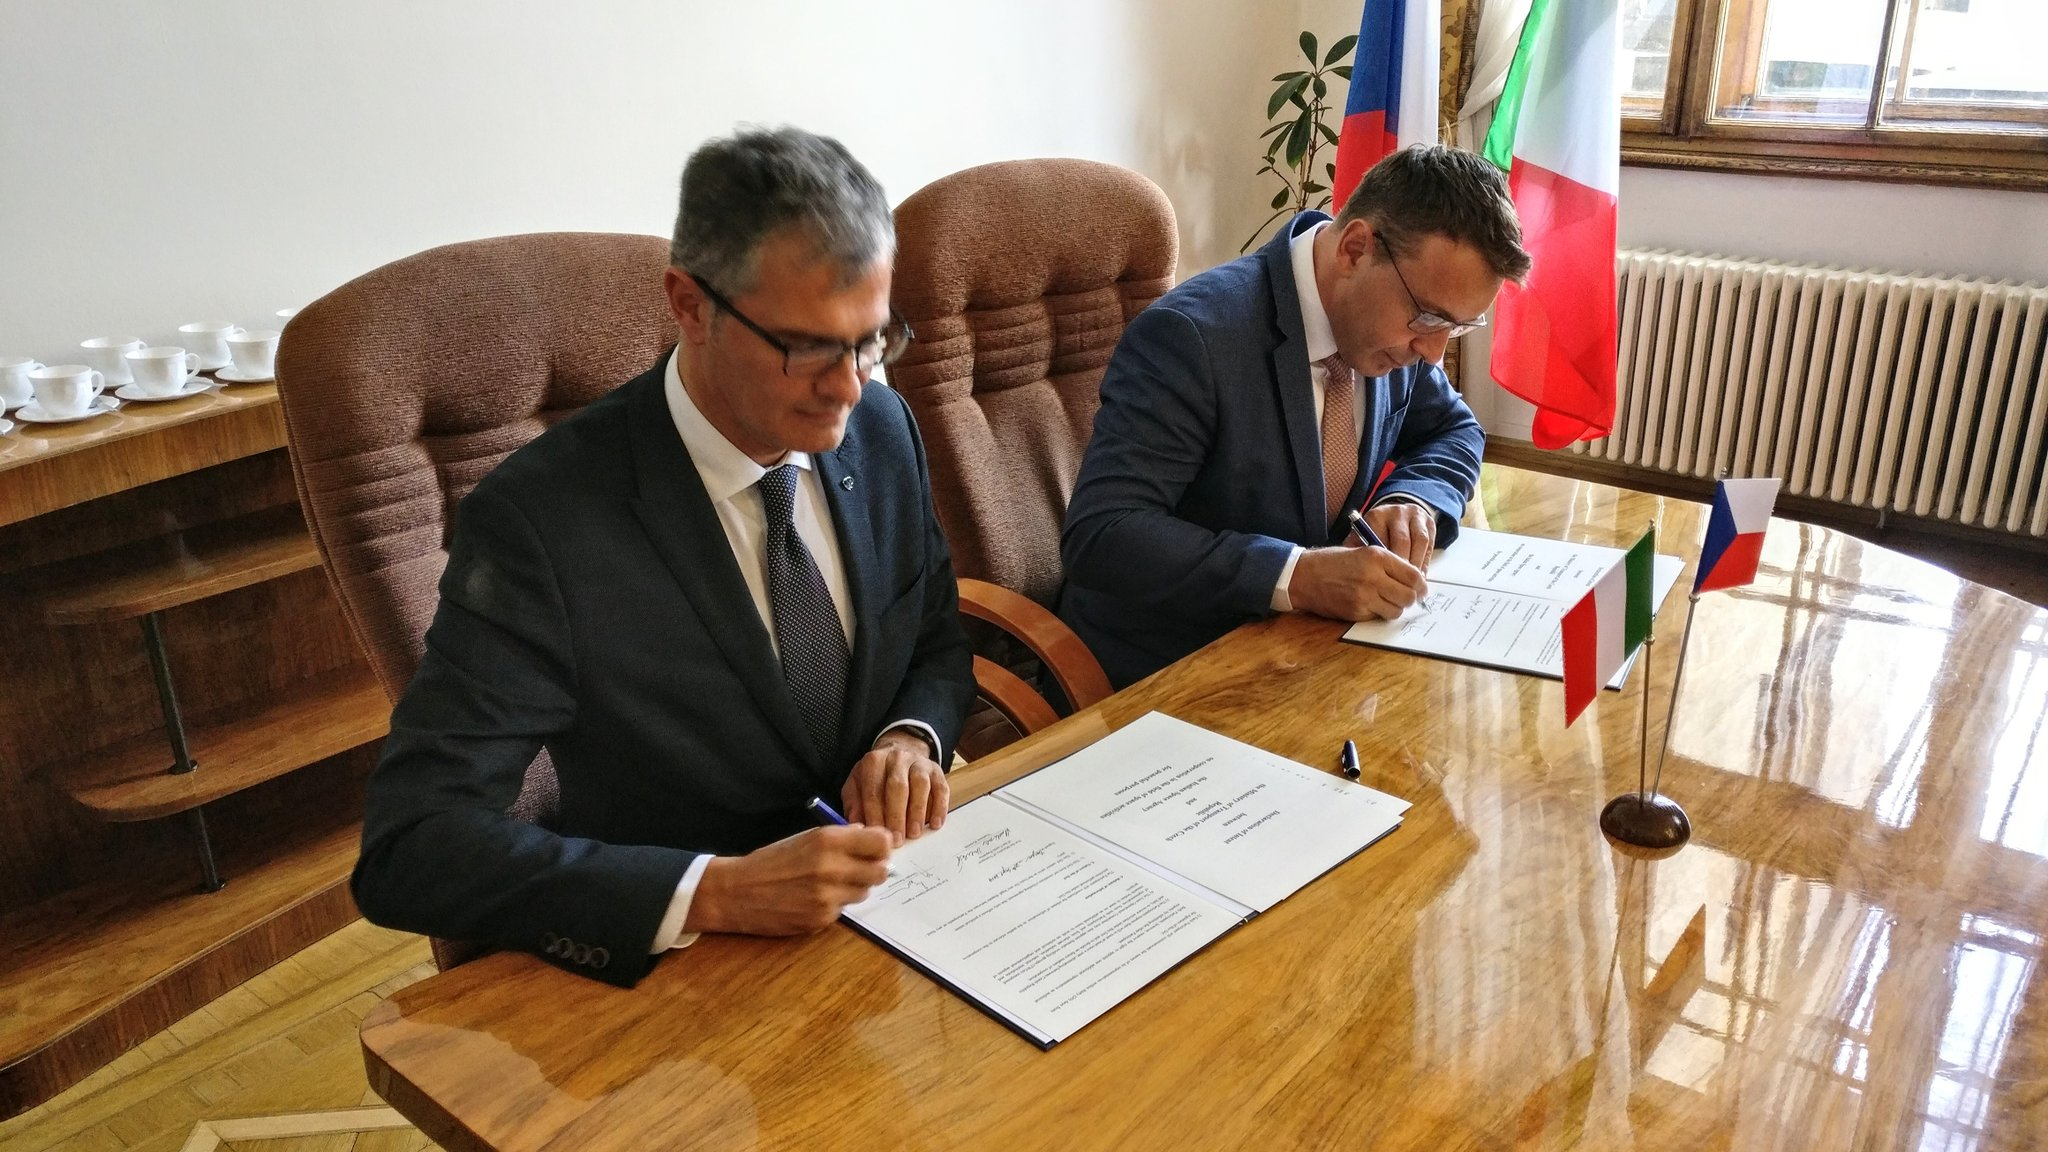 ITALIA E REPUBBLICA CECA SIGLANO MEMORANDUM DI COOPERAZIONE NELL'INDUSTRIA SPAZIALE